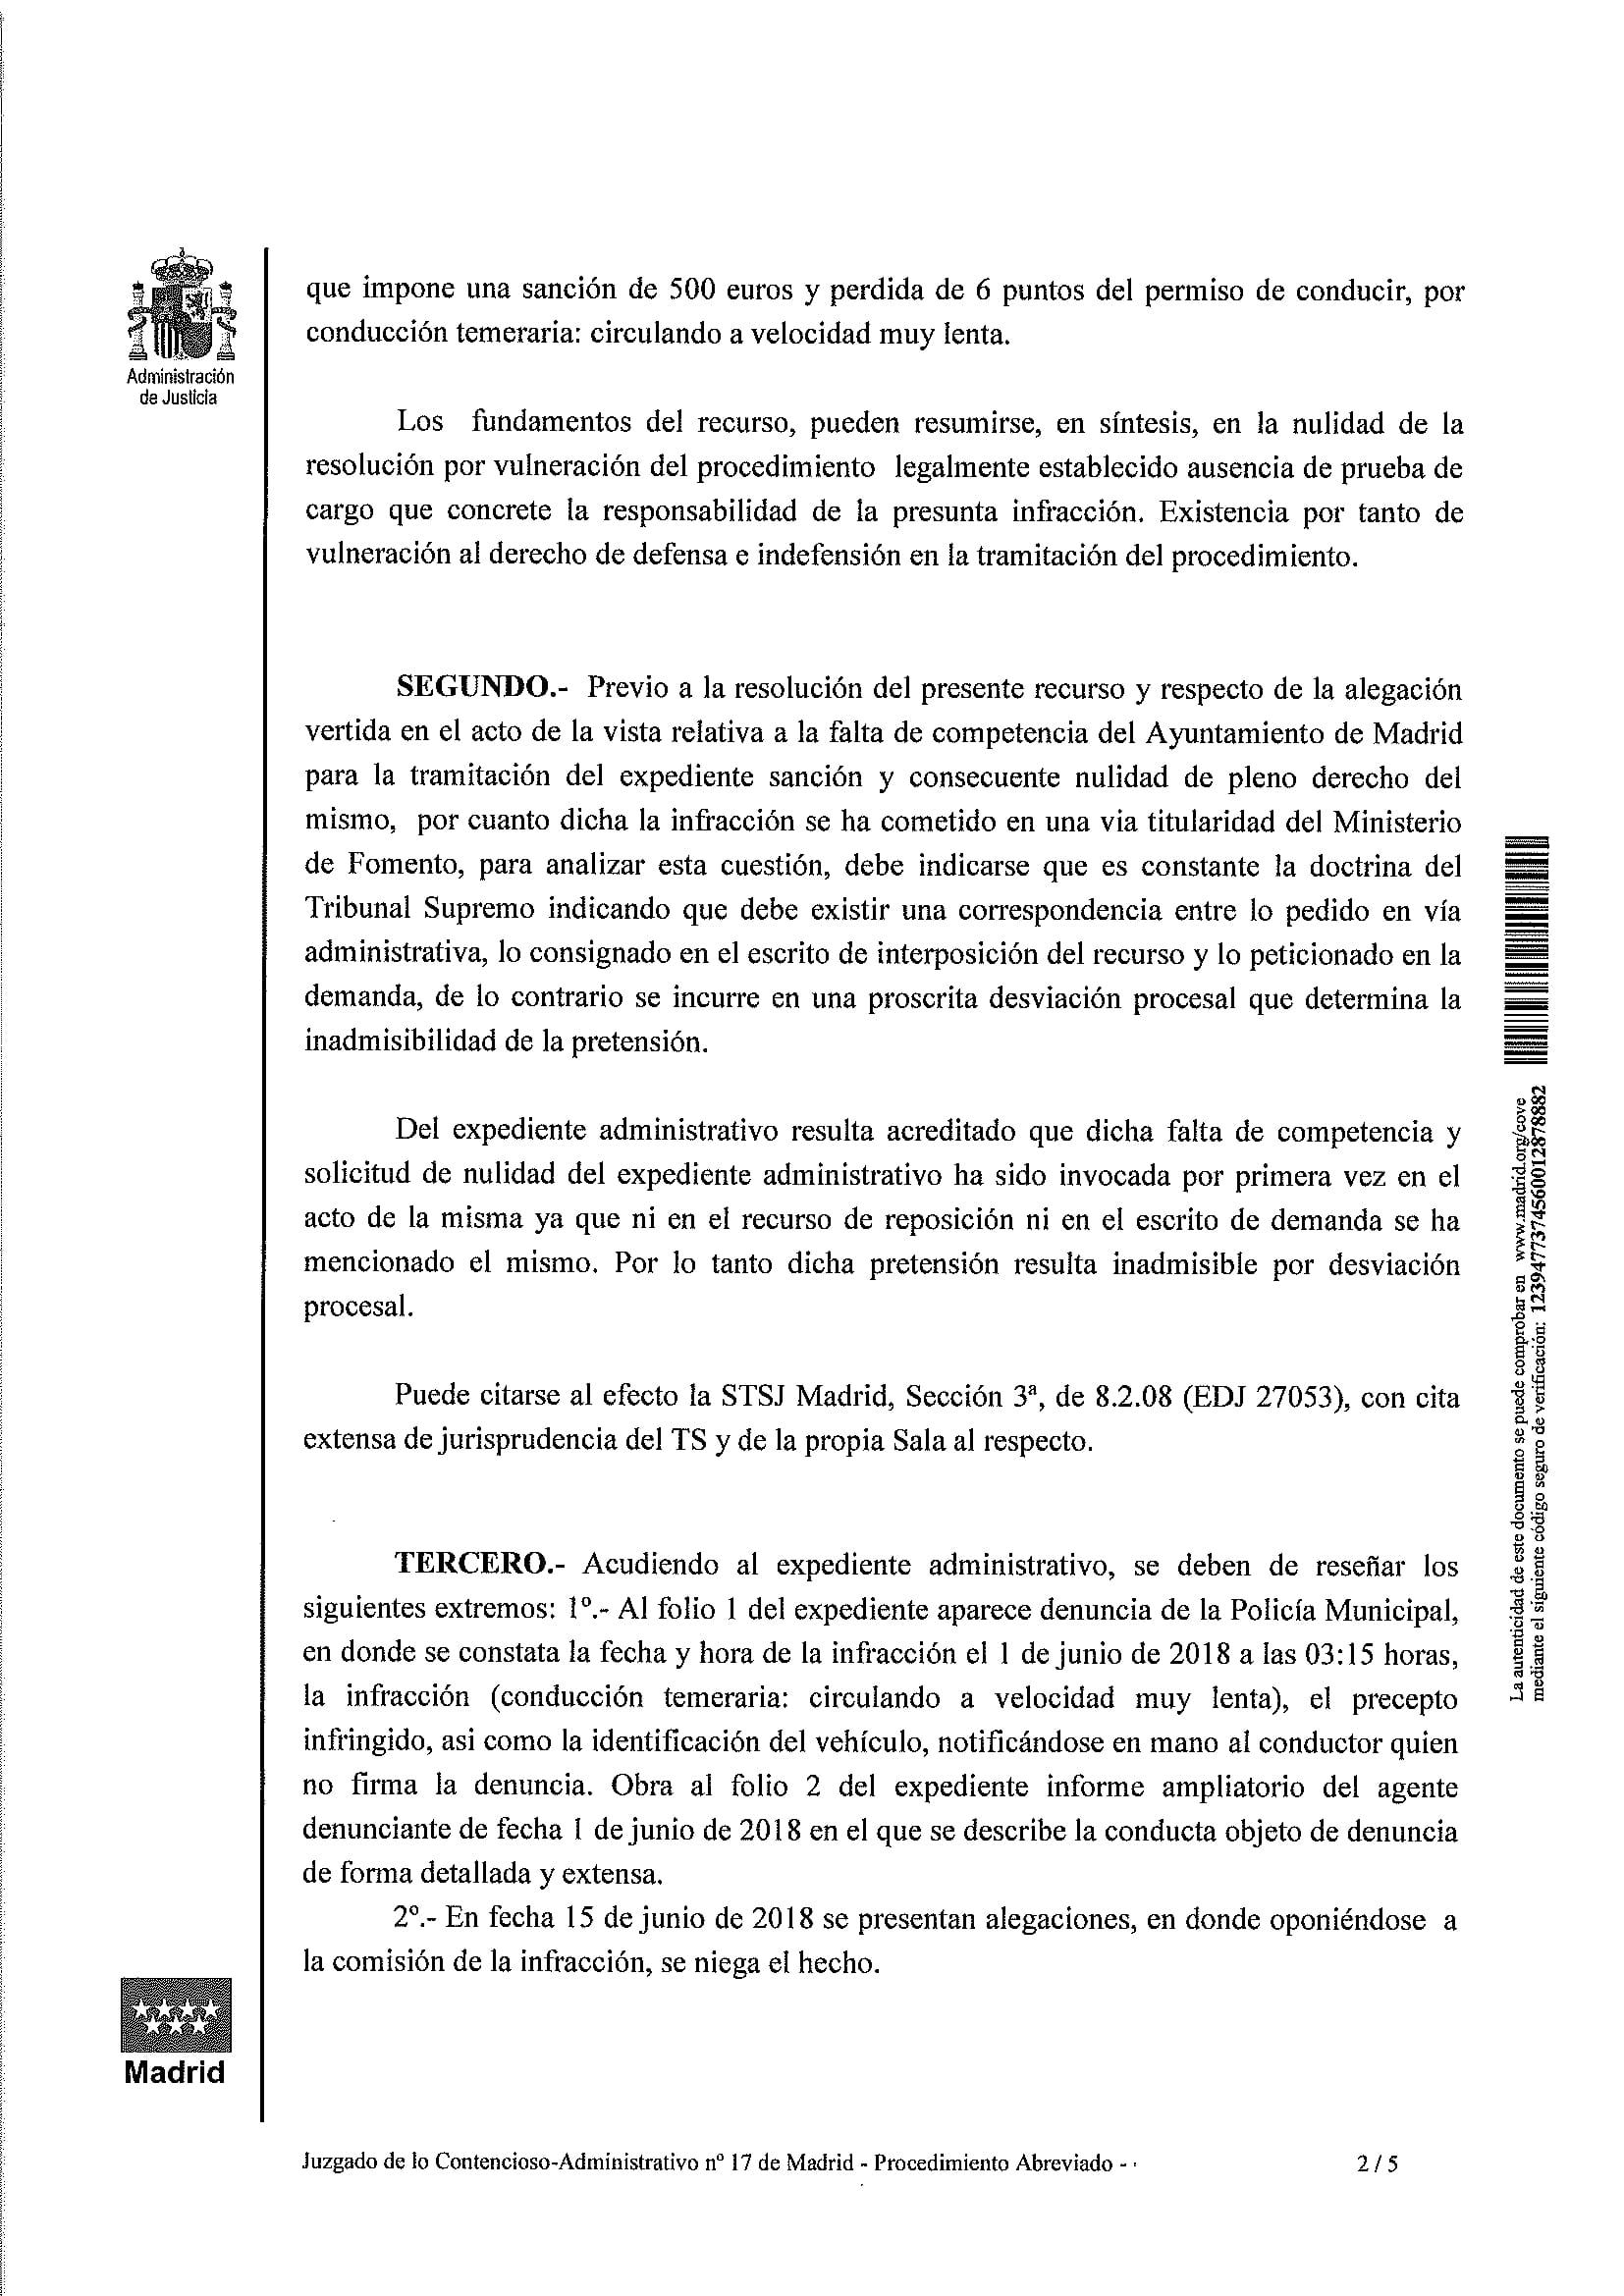 MULTA-CONDUCCIÓN-TEMERARIA-2